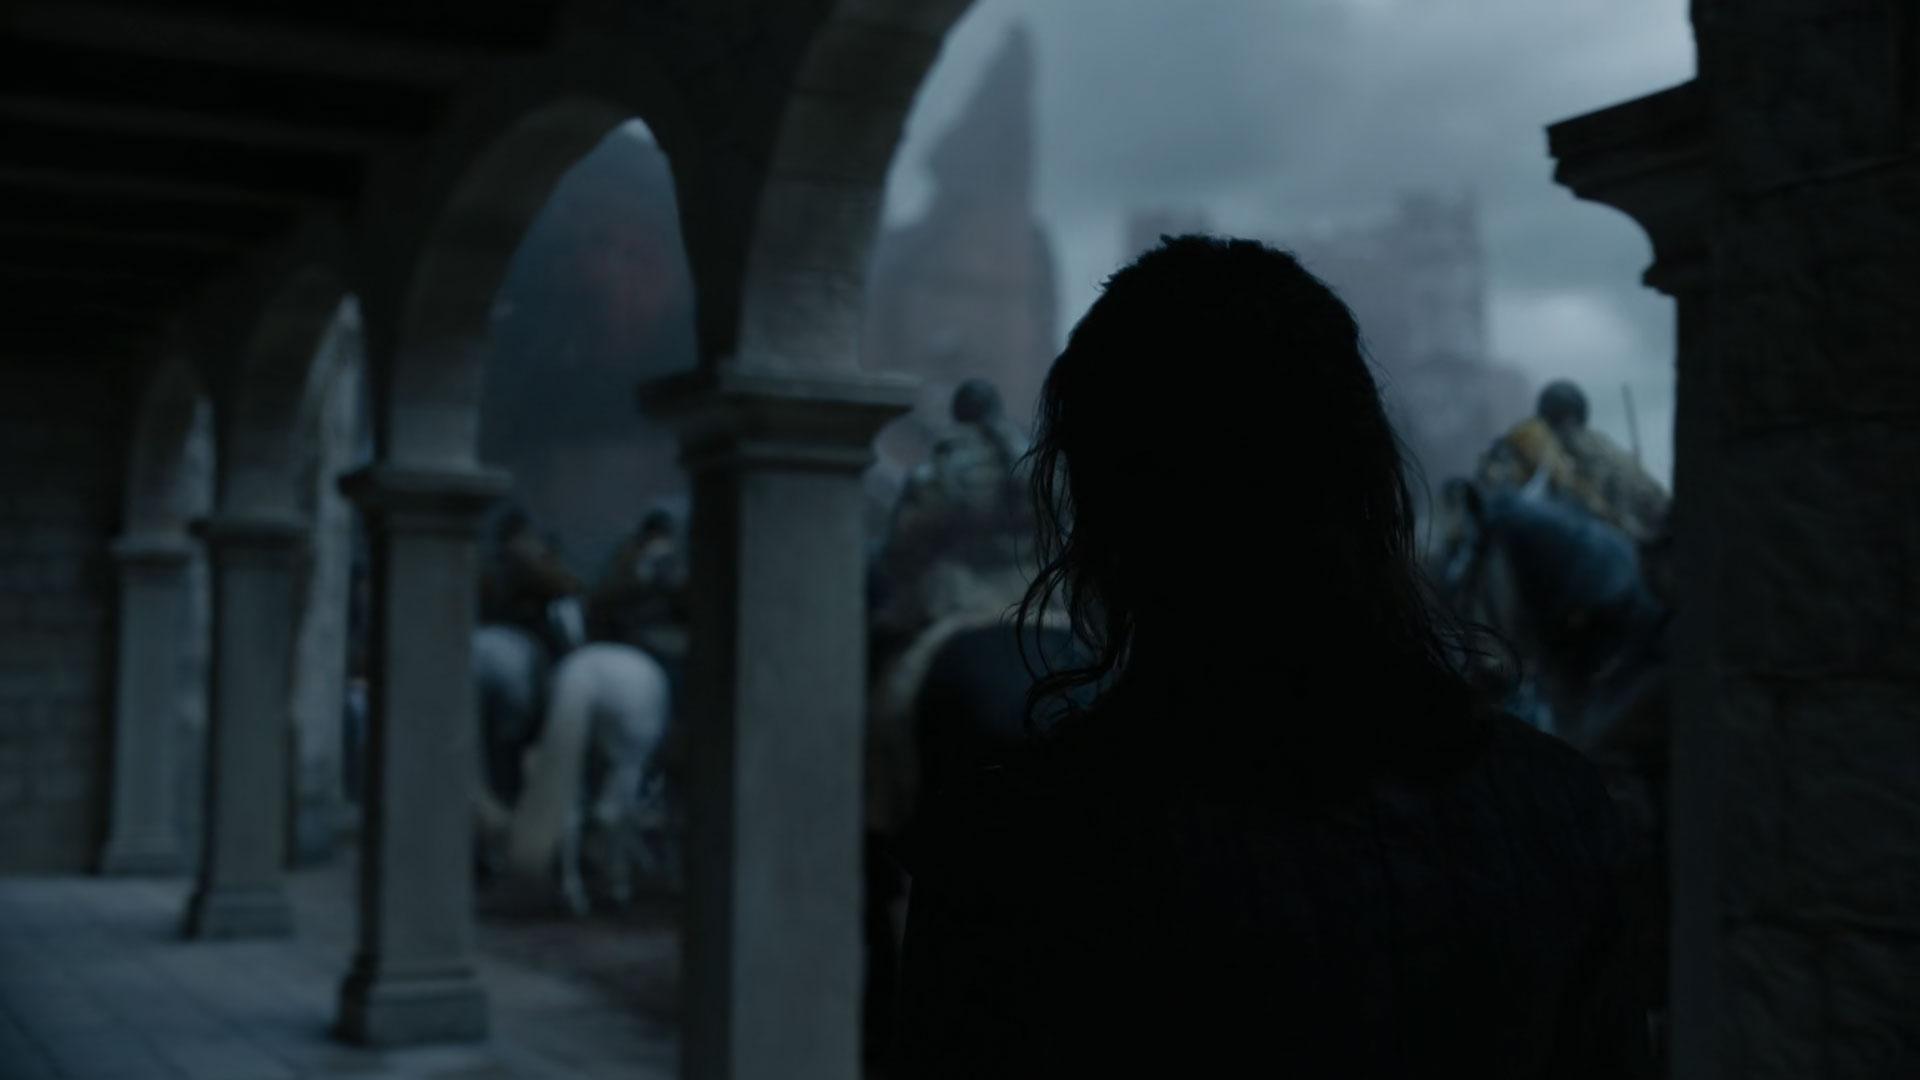 تصاویر قسمت ۶ فصل ۸ گیم آف ترونز (Game Of Thrones) را ببینید: پایان فصل نهایی